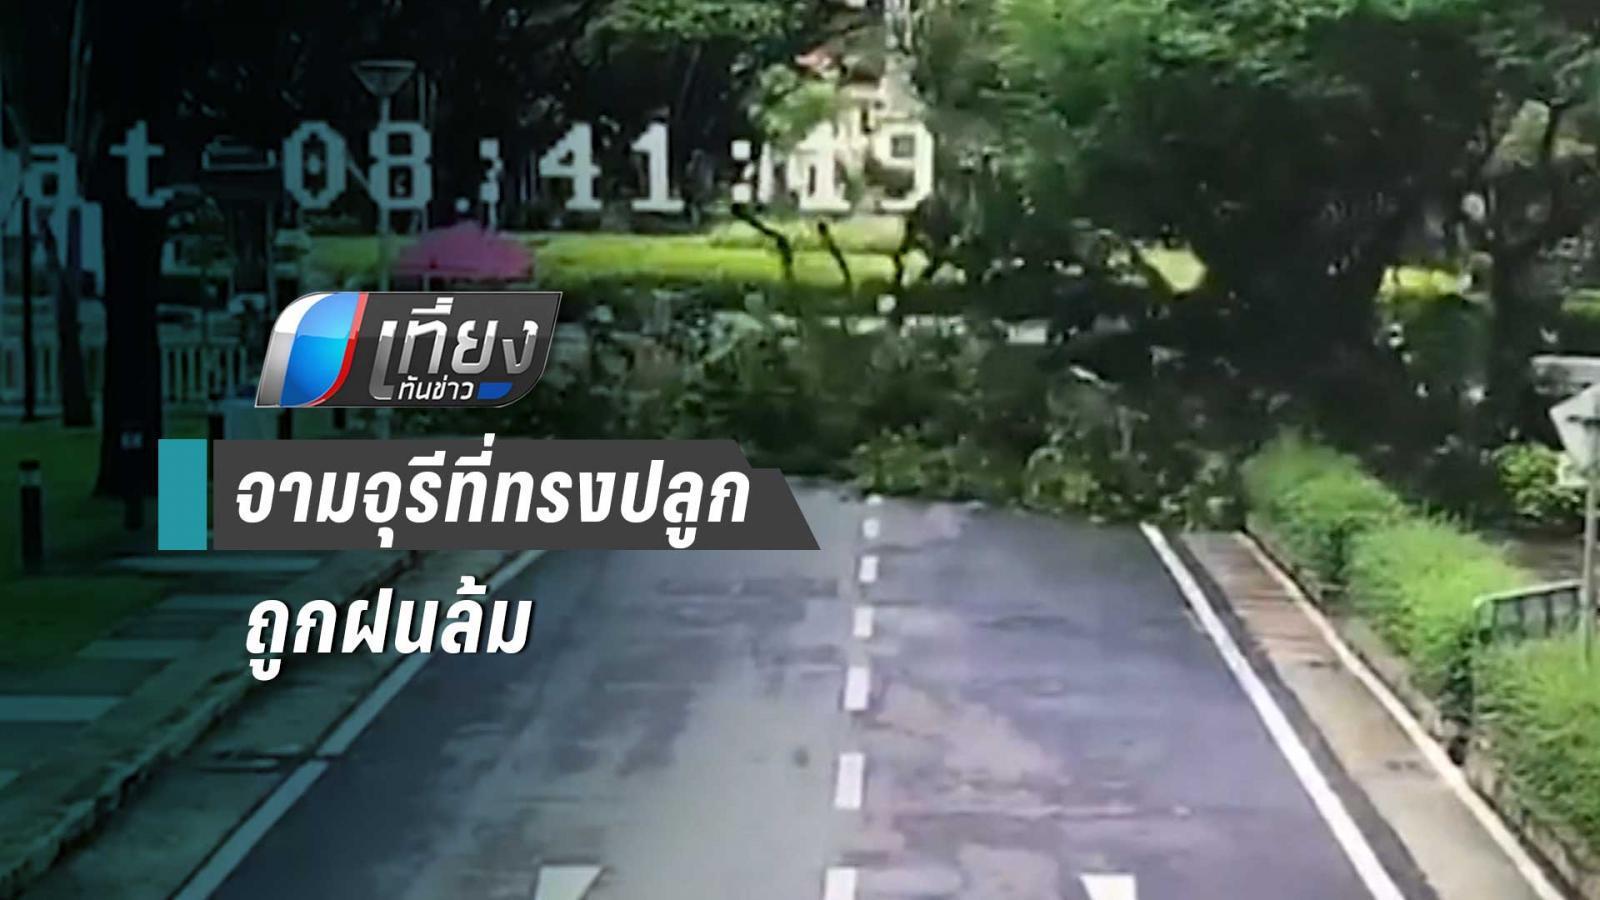 ต้นจามจุรีที่ ร.9 ทรงปลูกล้ม หลังพายุฝนถล่มวันศุกร์